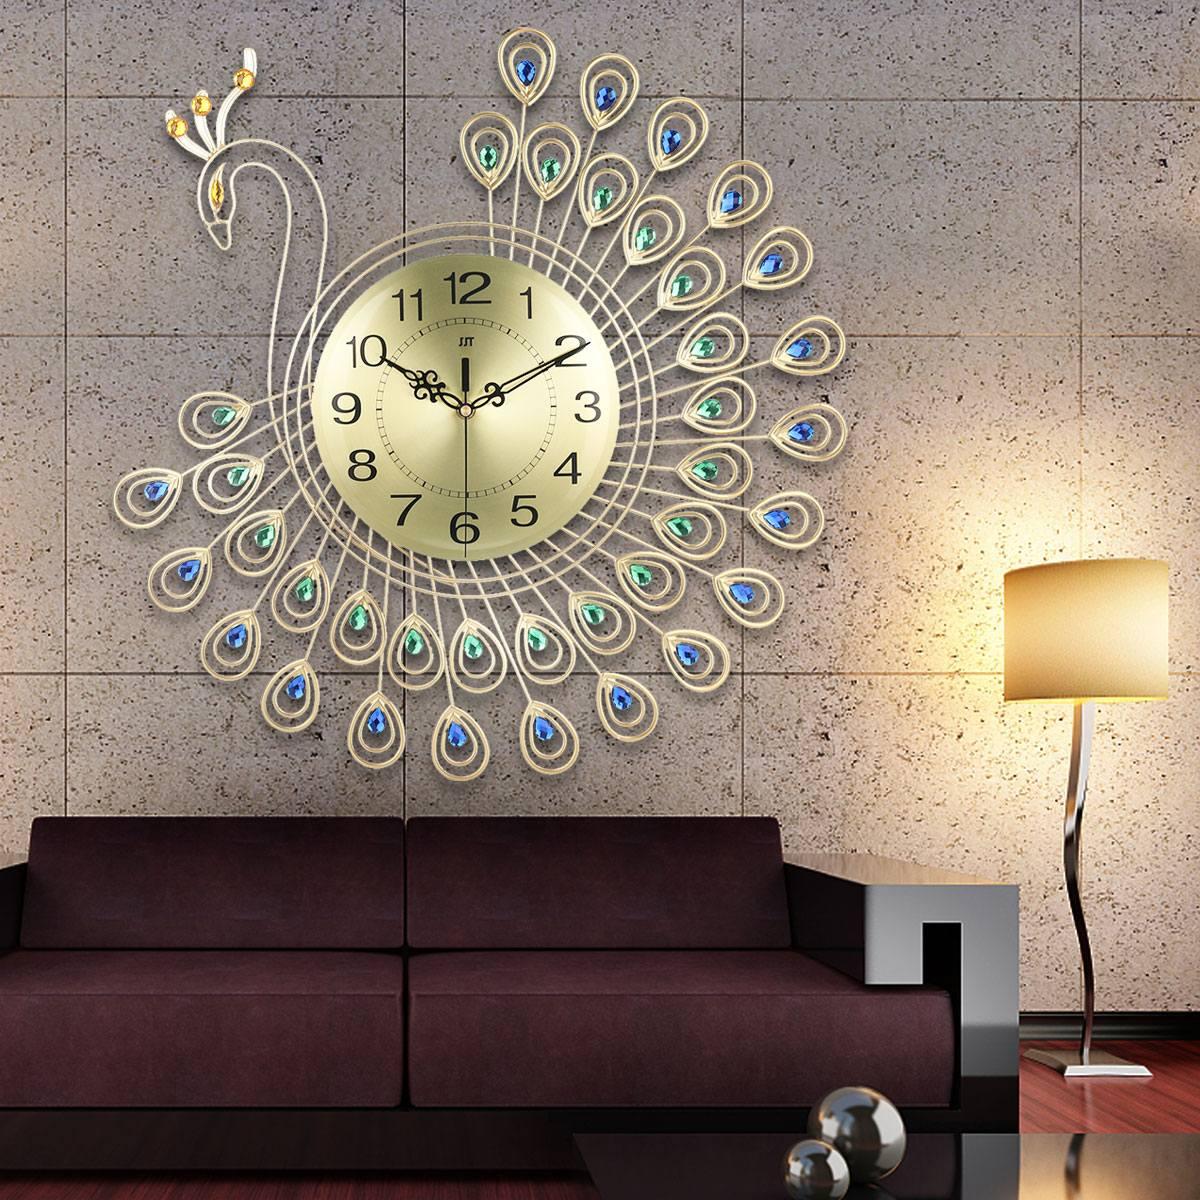 Grand 3D or diamant paon horloge murale en métal montre pour la maison salon décoration bricolage horloges artisanat ornements cadeau 53x53cm